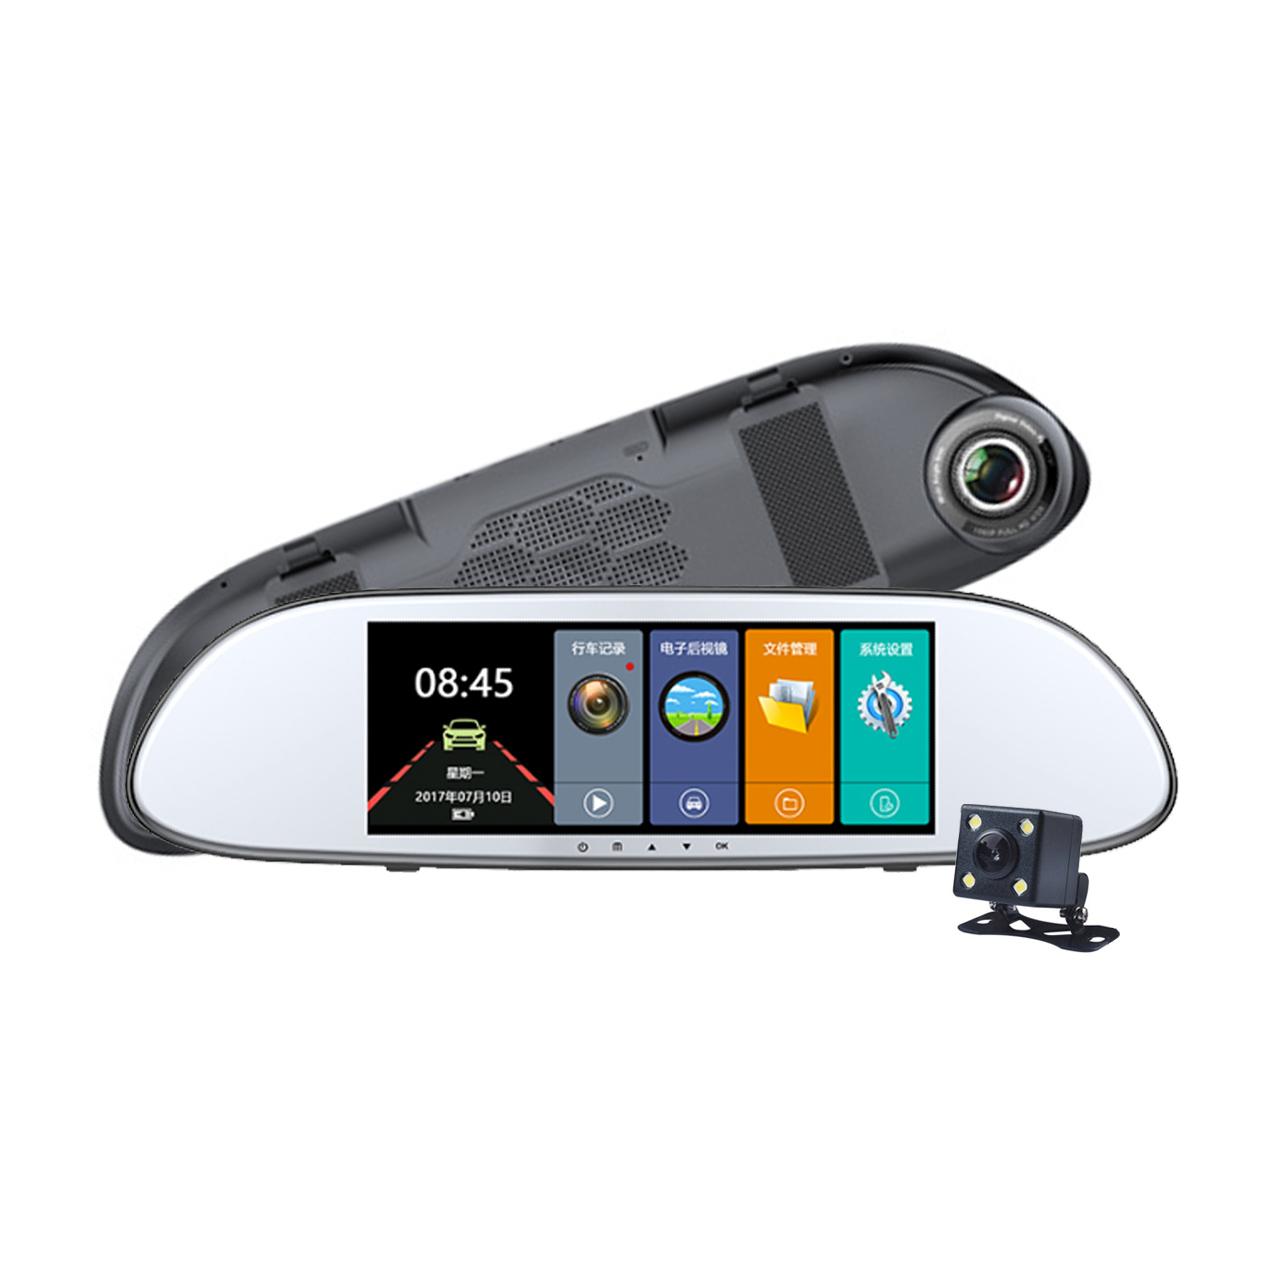 دوربین فیلم برداری خودرو AnyTek مدل T80